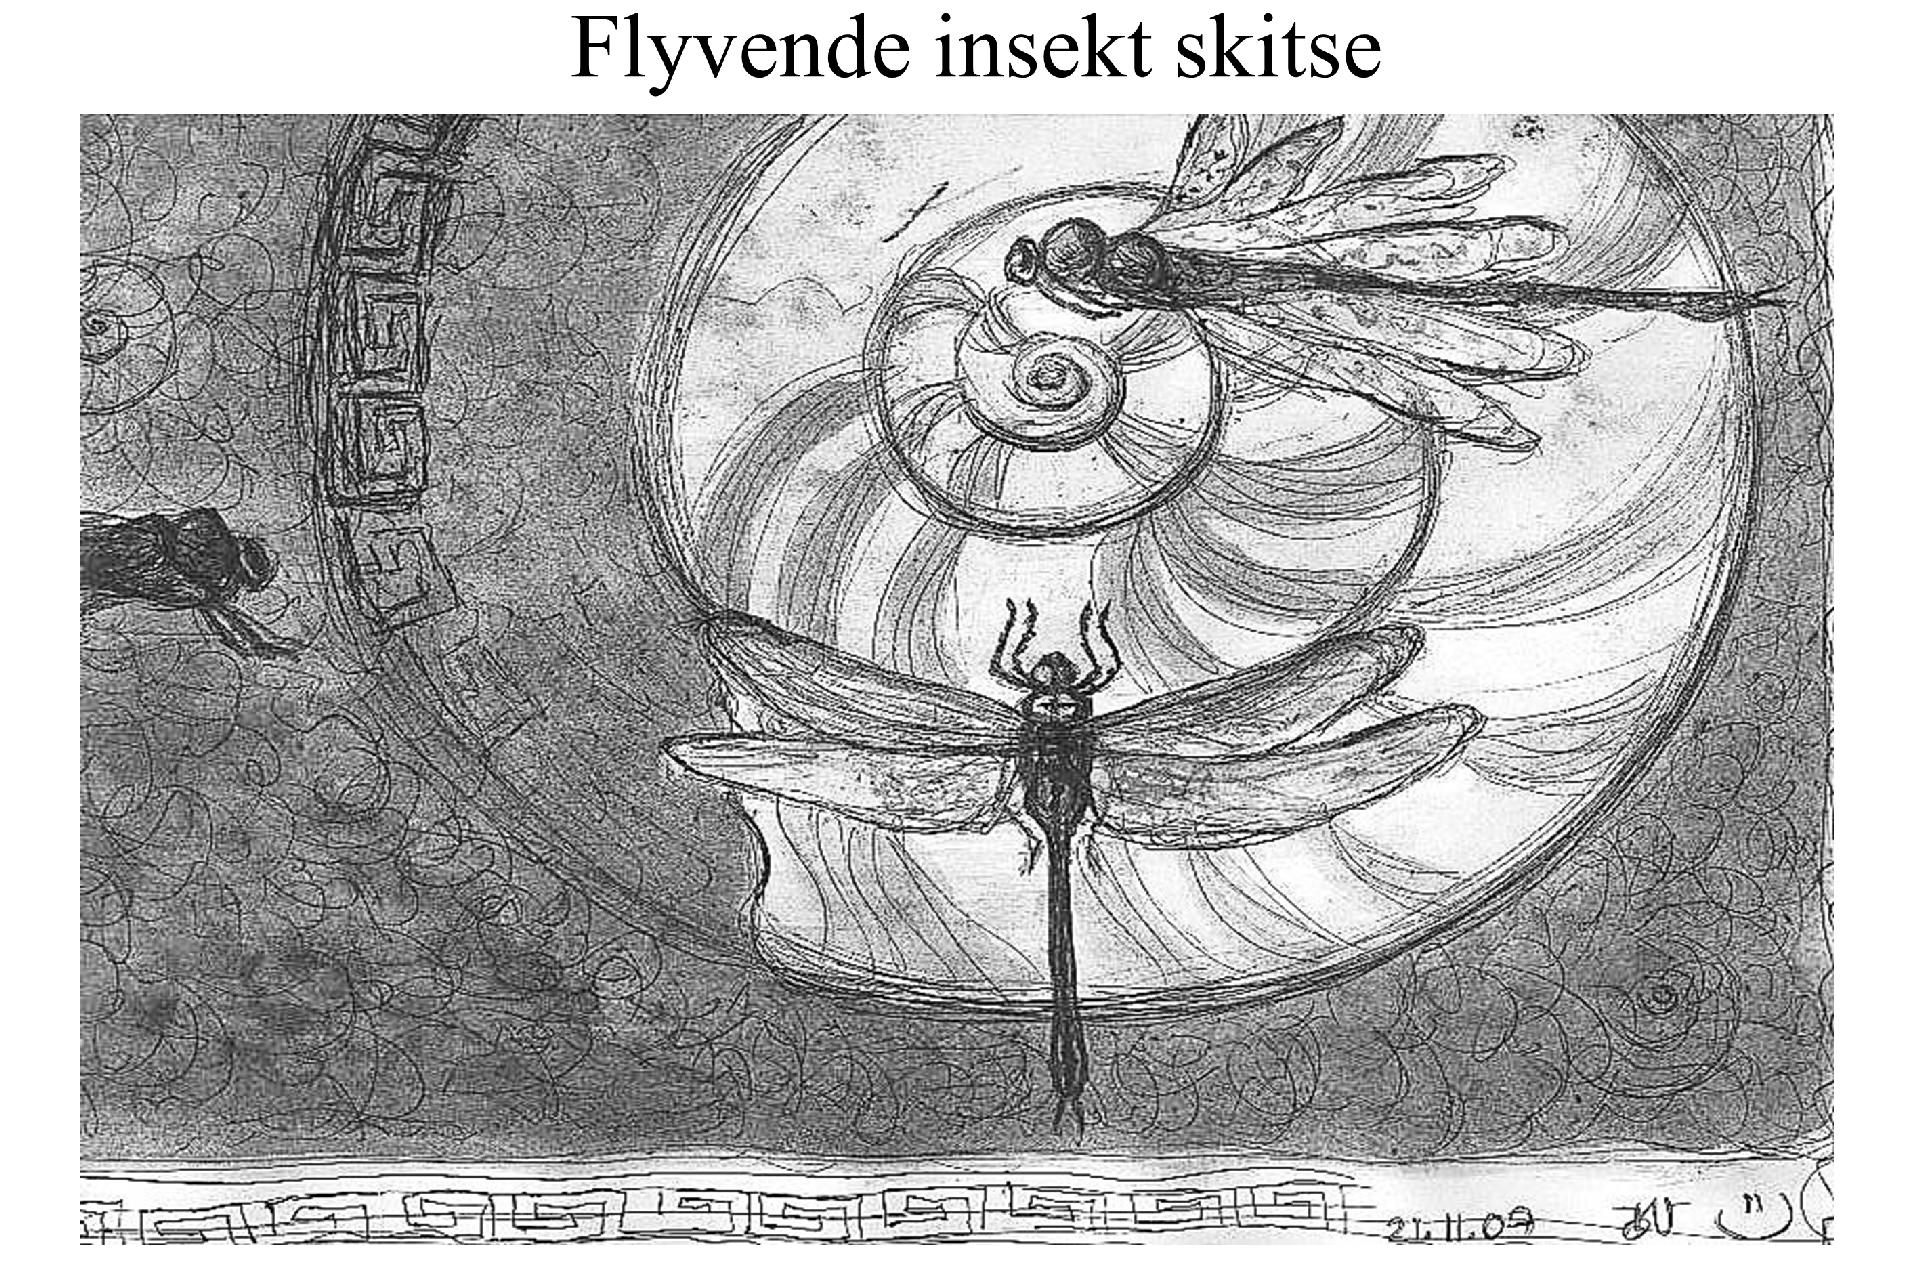 Flyvende insekter skitse blæk ©Kanobi®